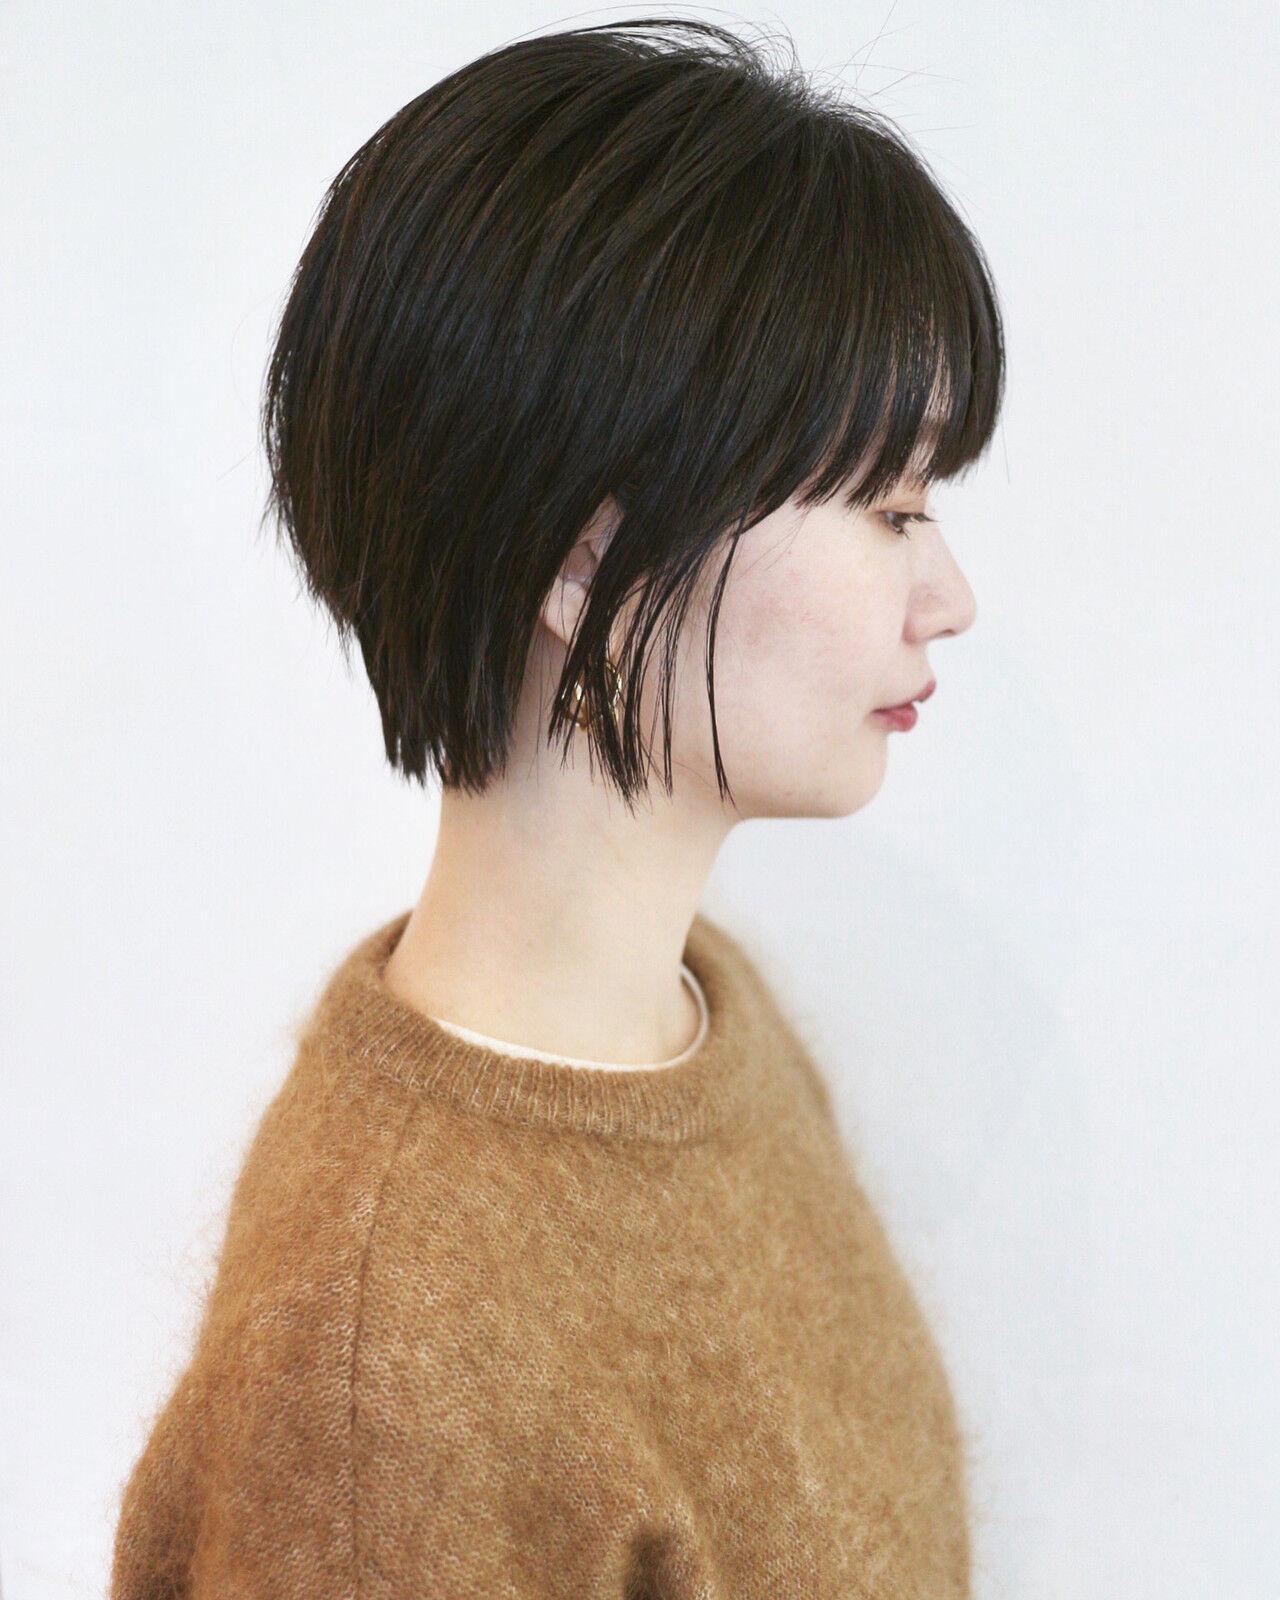 マッシュ 黒髪ショート ナチュラル ウルフカットヘアスタイルや髪型の写真・画像